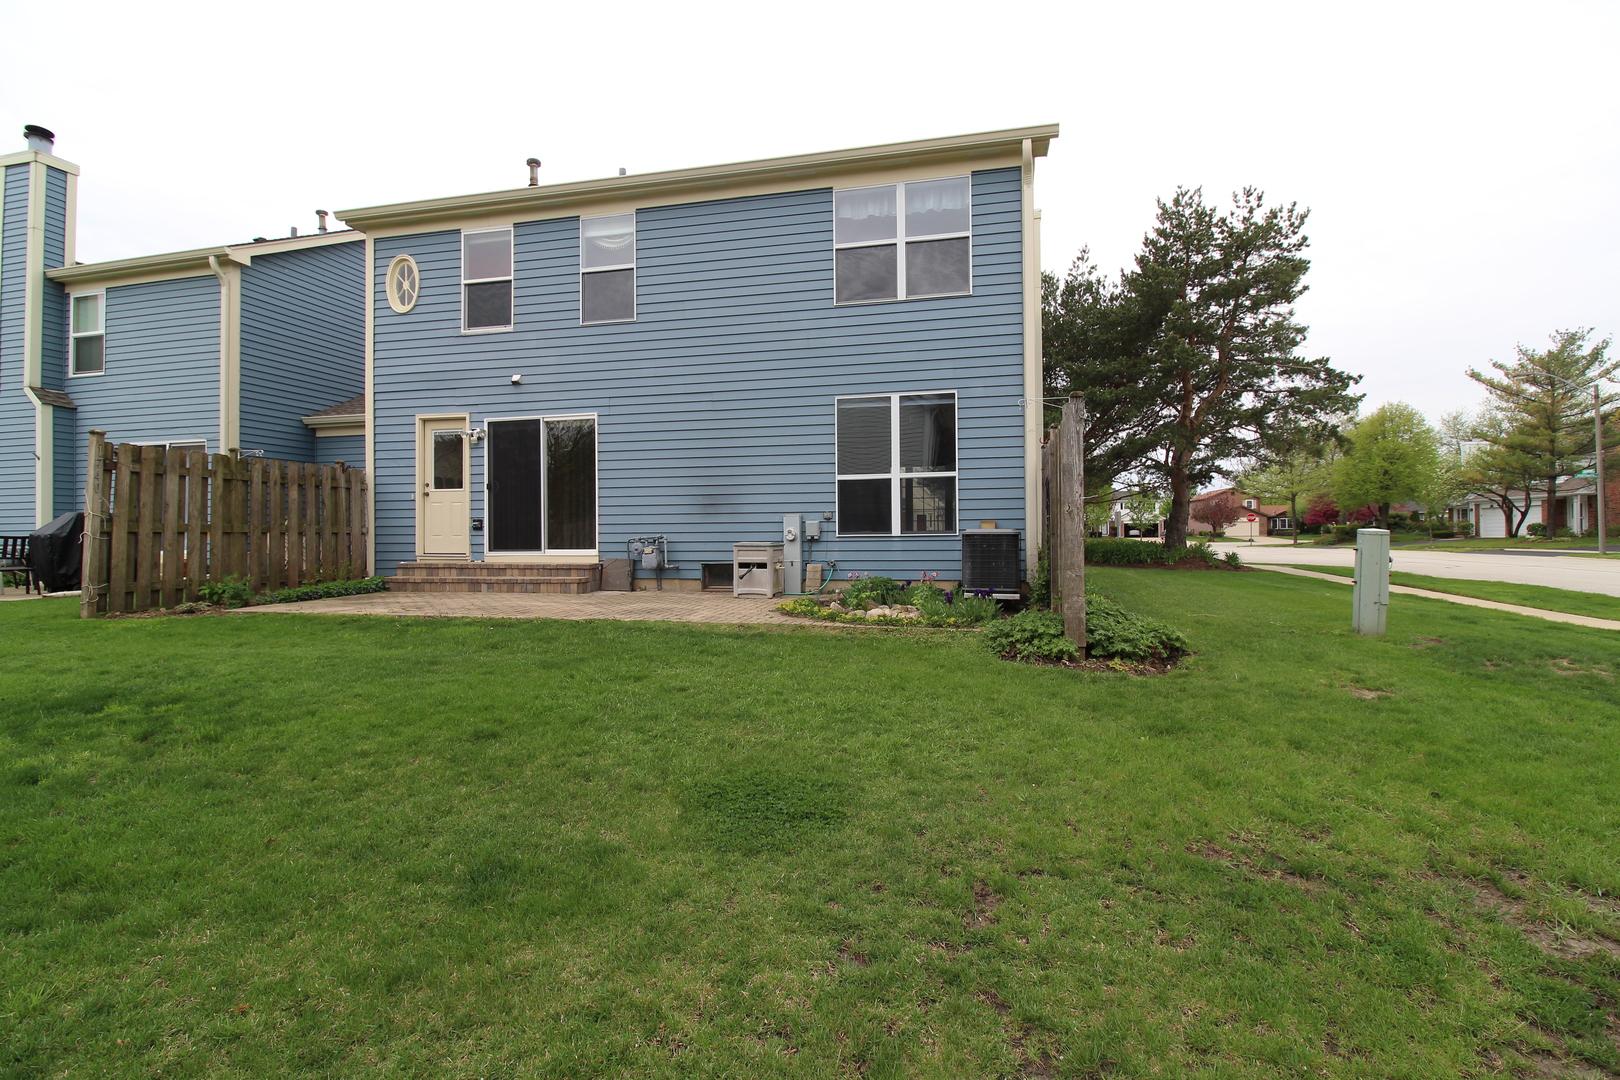 1740 West Portsmith, ARLINGTON HEIGHTS, Illinois, 60004